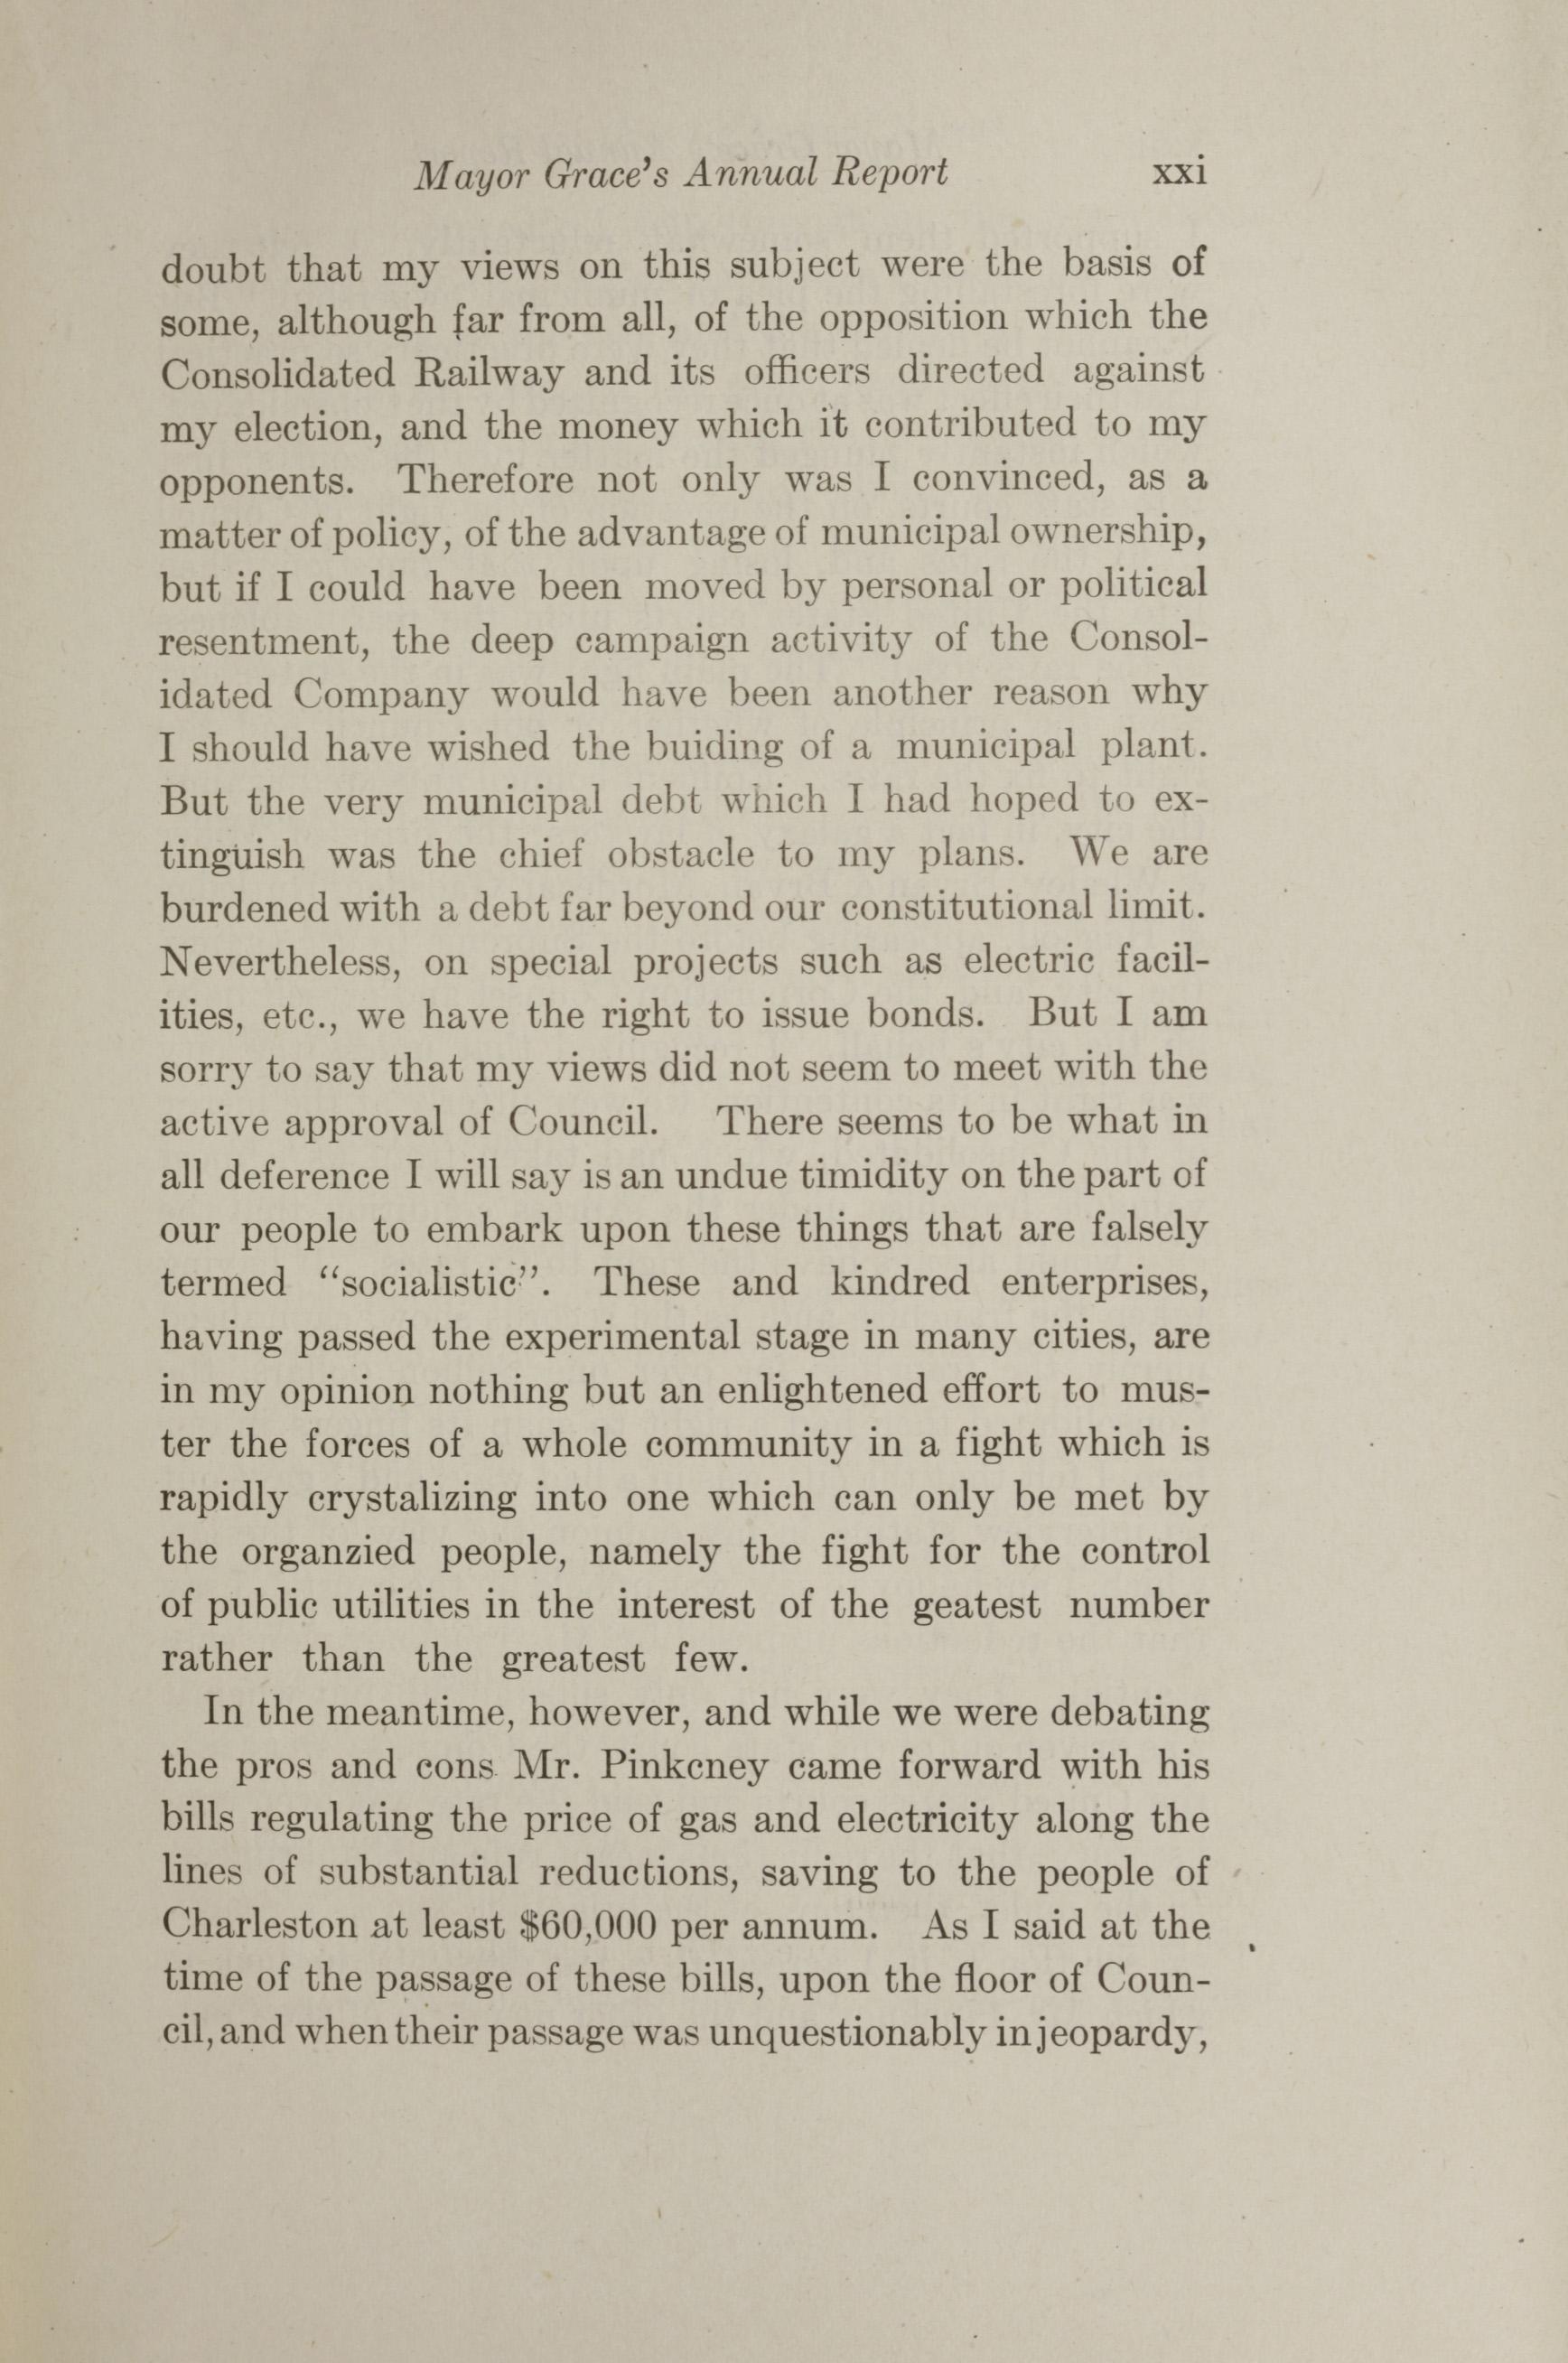 Charleston Yearbook, 1912, page xxi